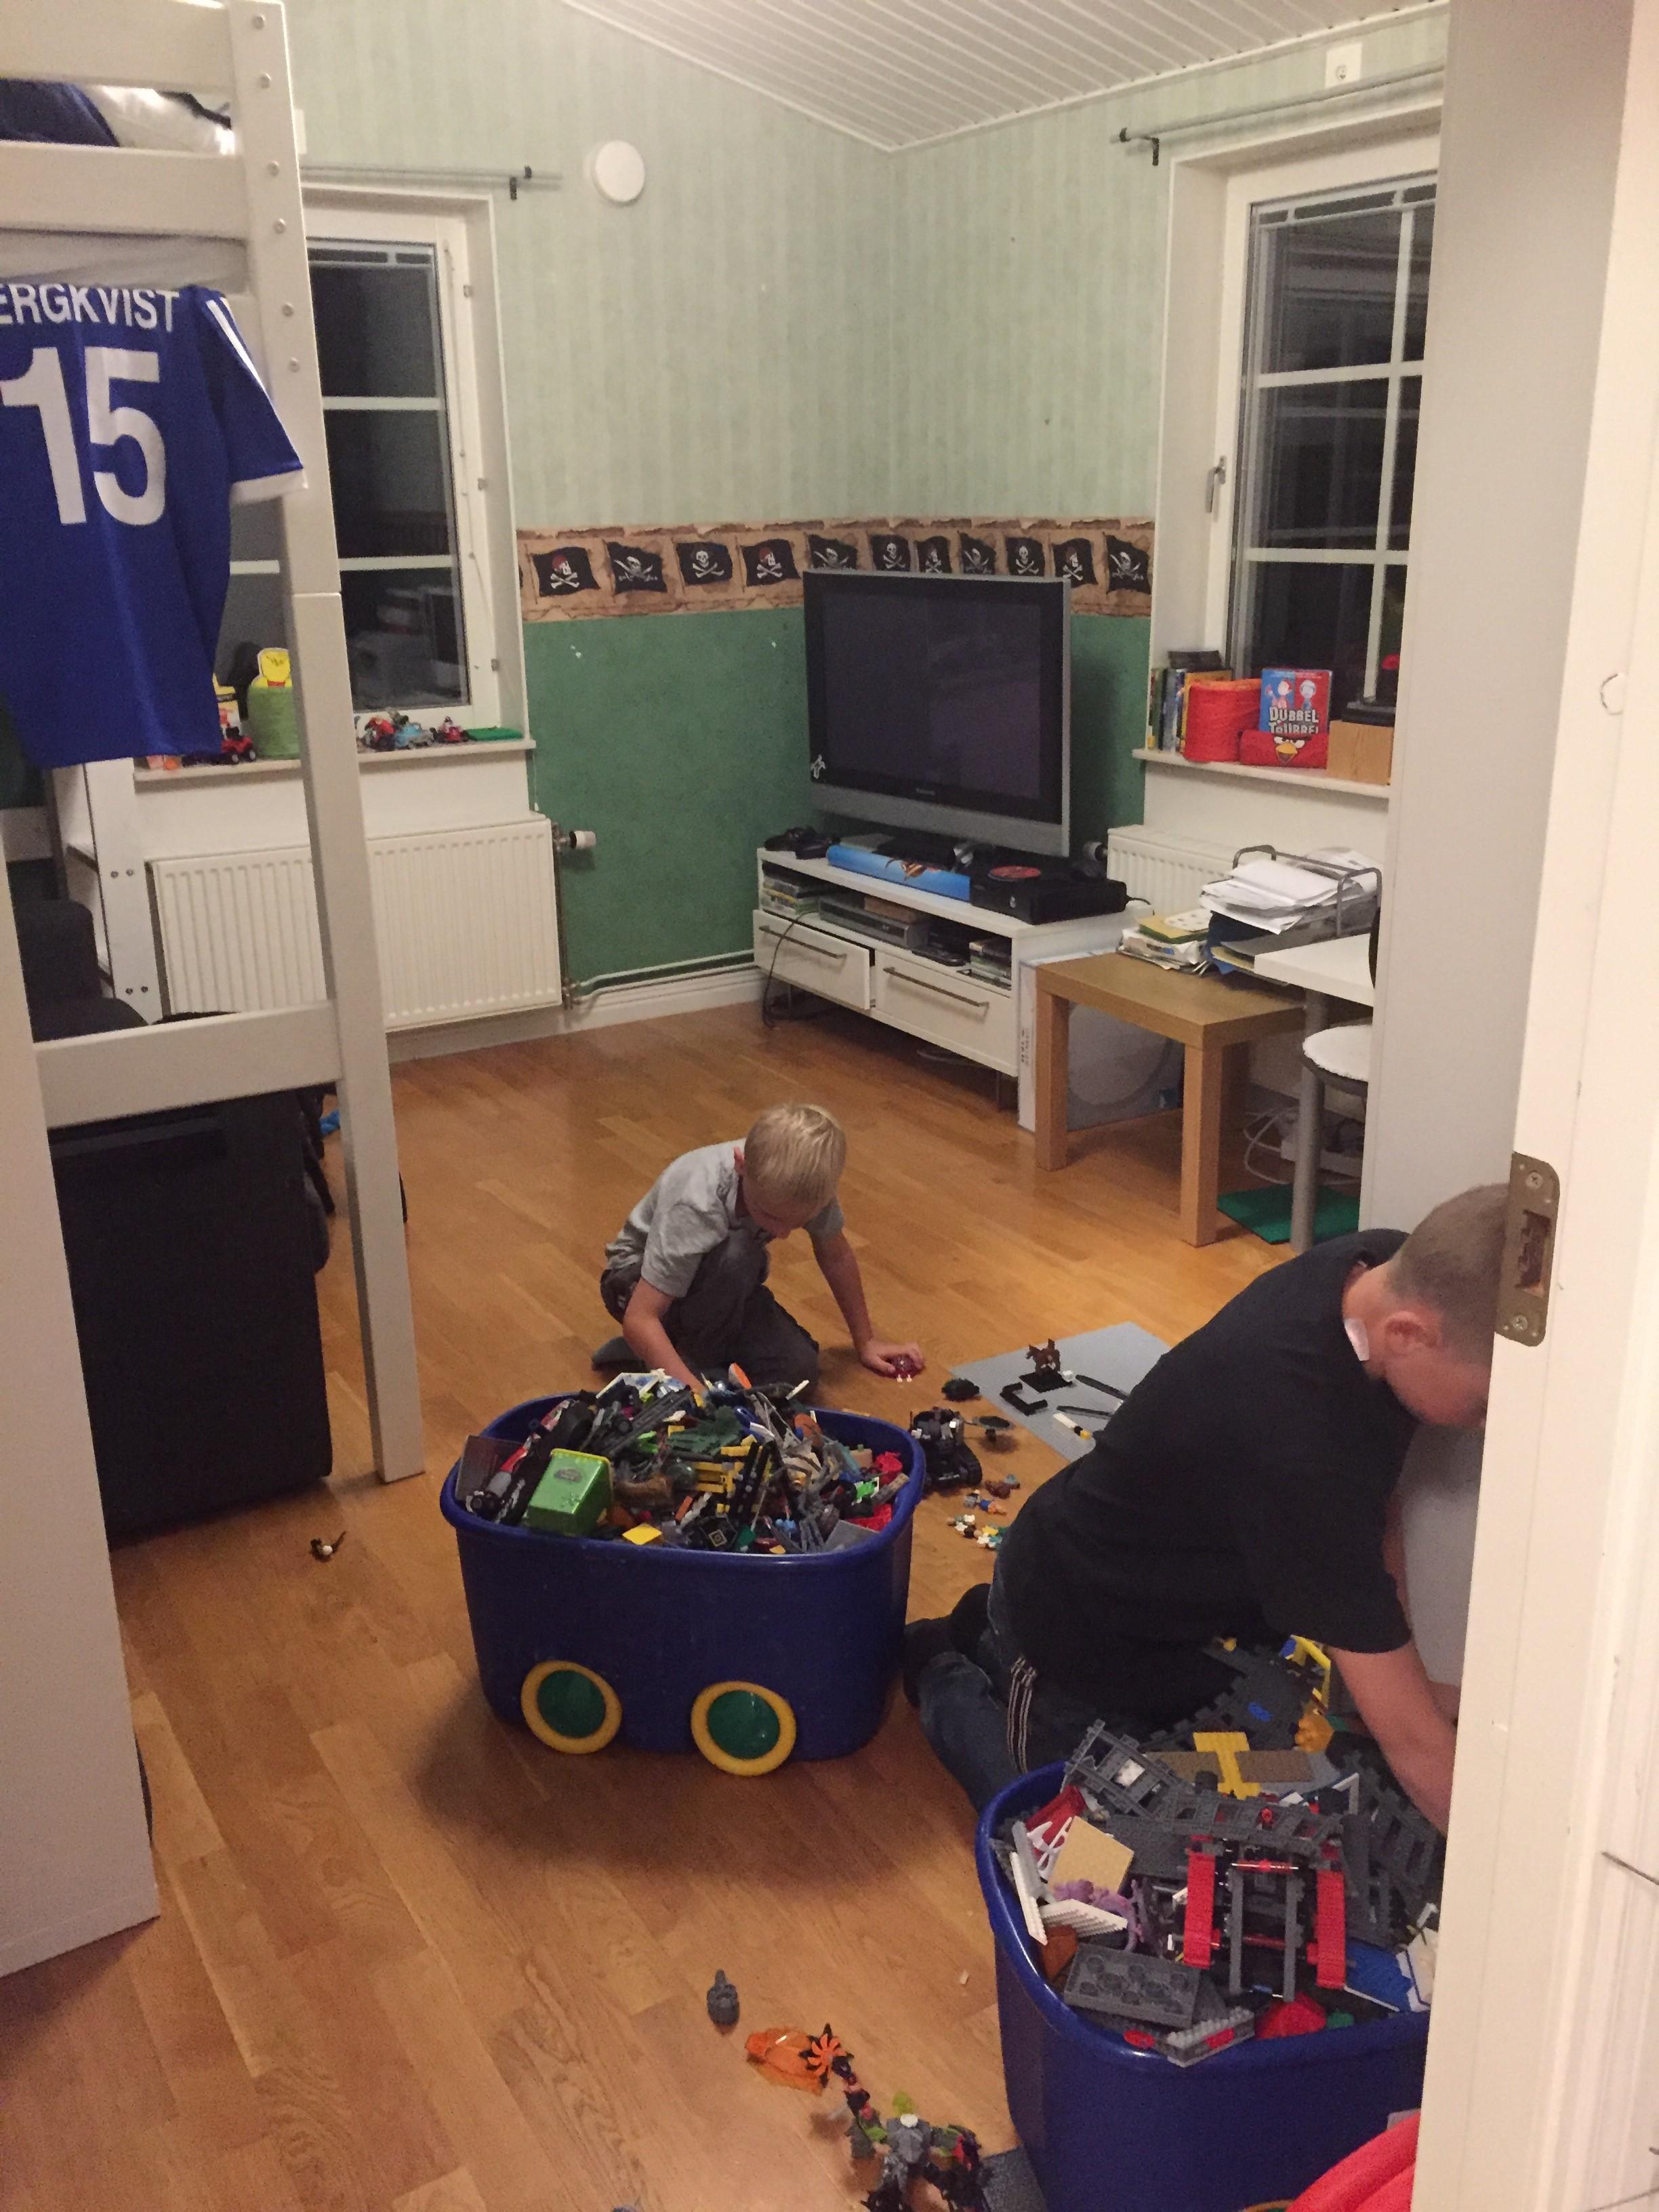 Tror killarna har längtar efter Lego. ☺️